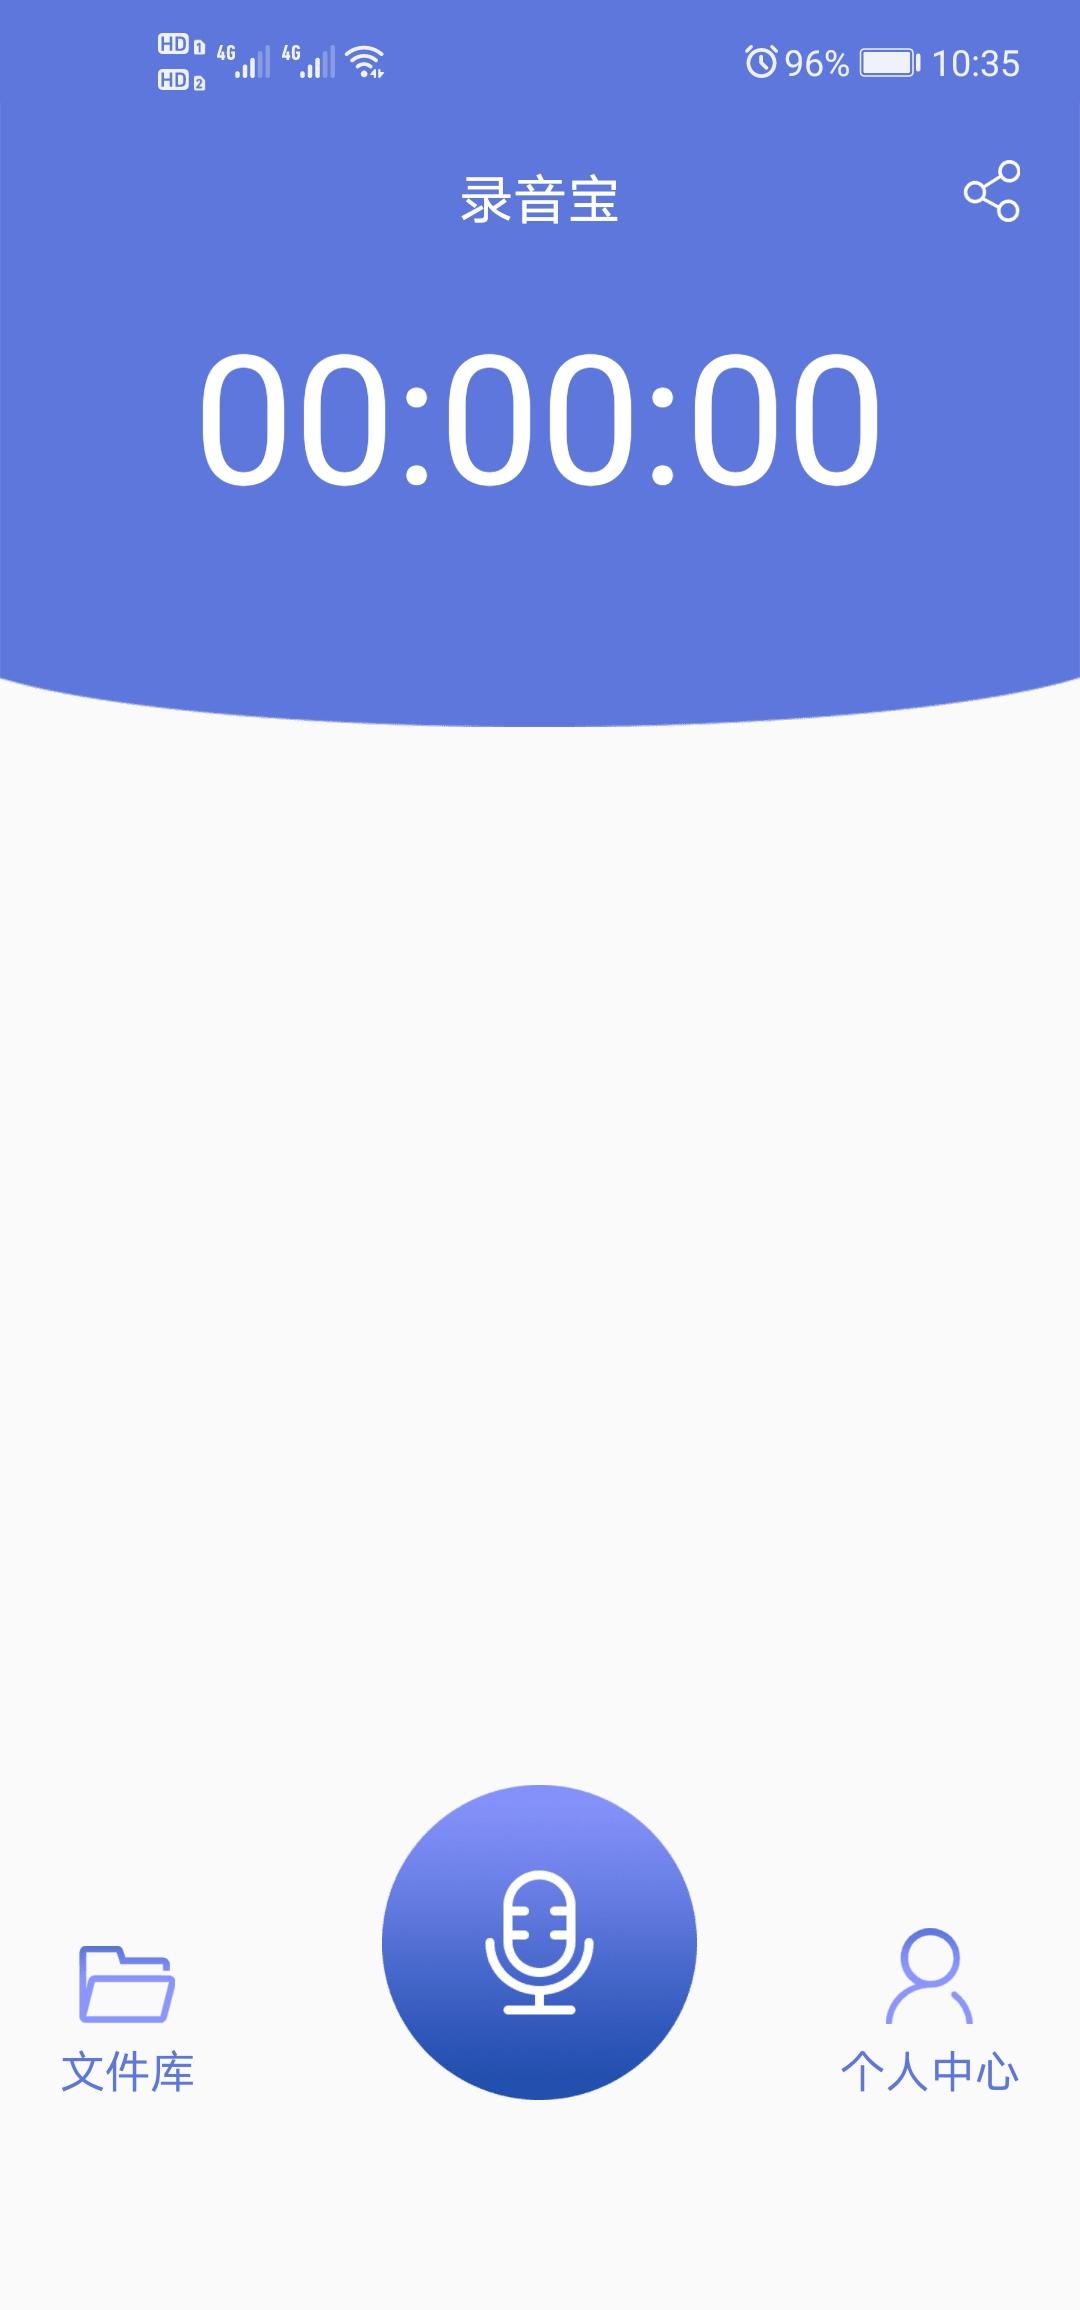 【分享】录音宝v1.0.8 适合课堂,会议记录